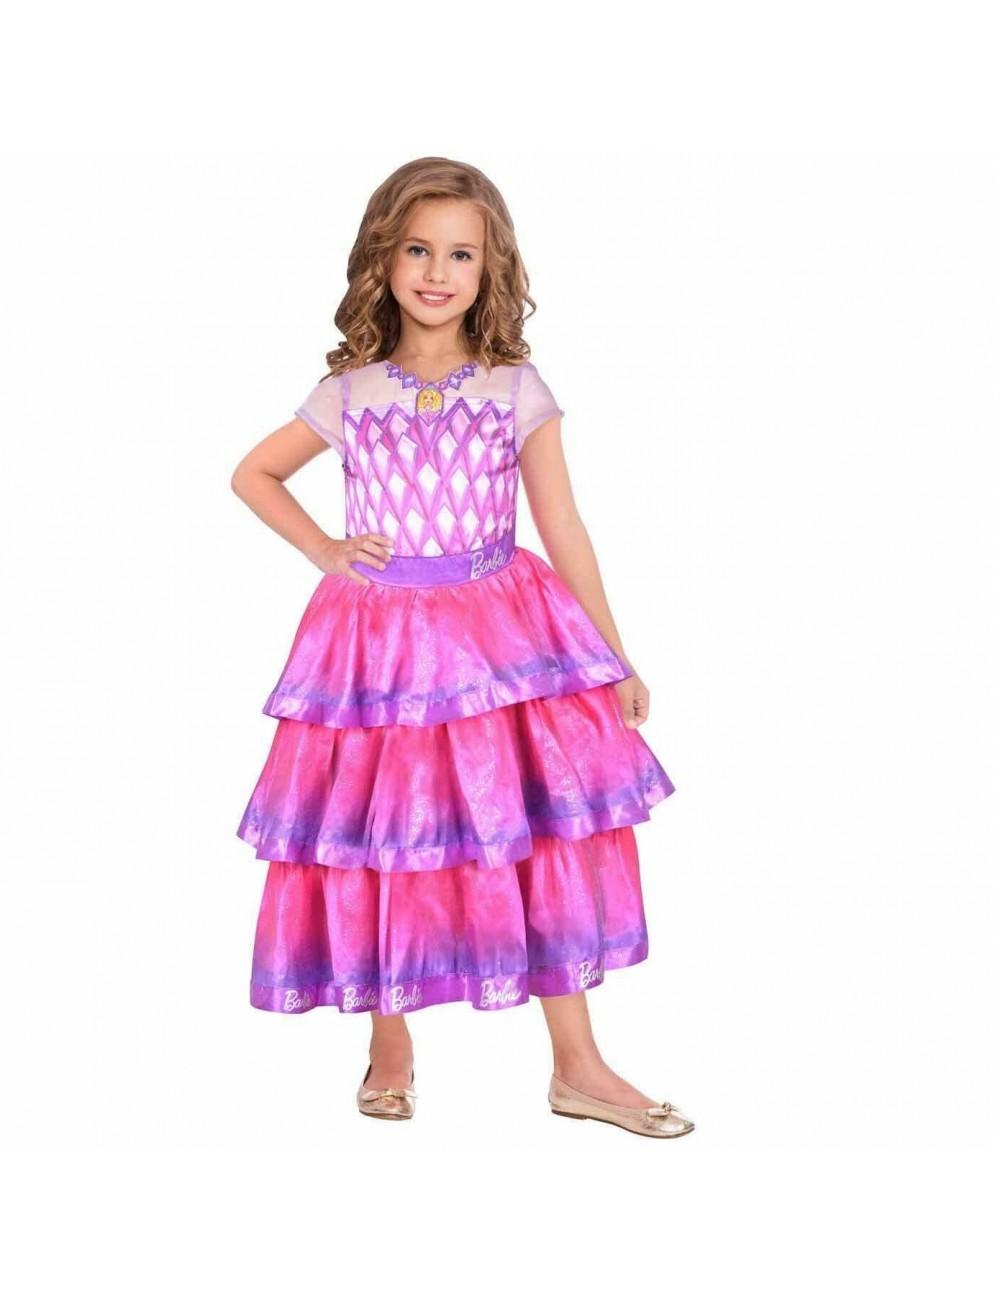 Rochie Printesa Barbie Gems, copii 5-7 ani